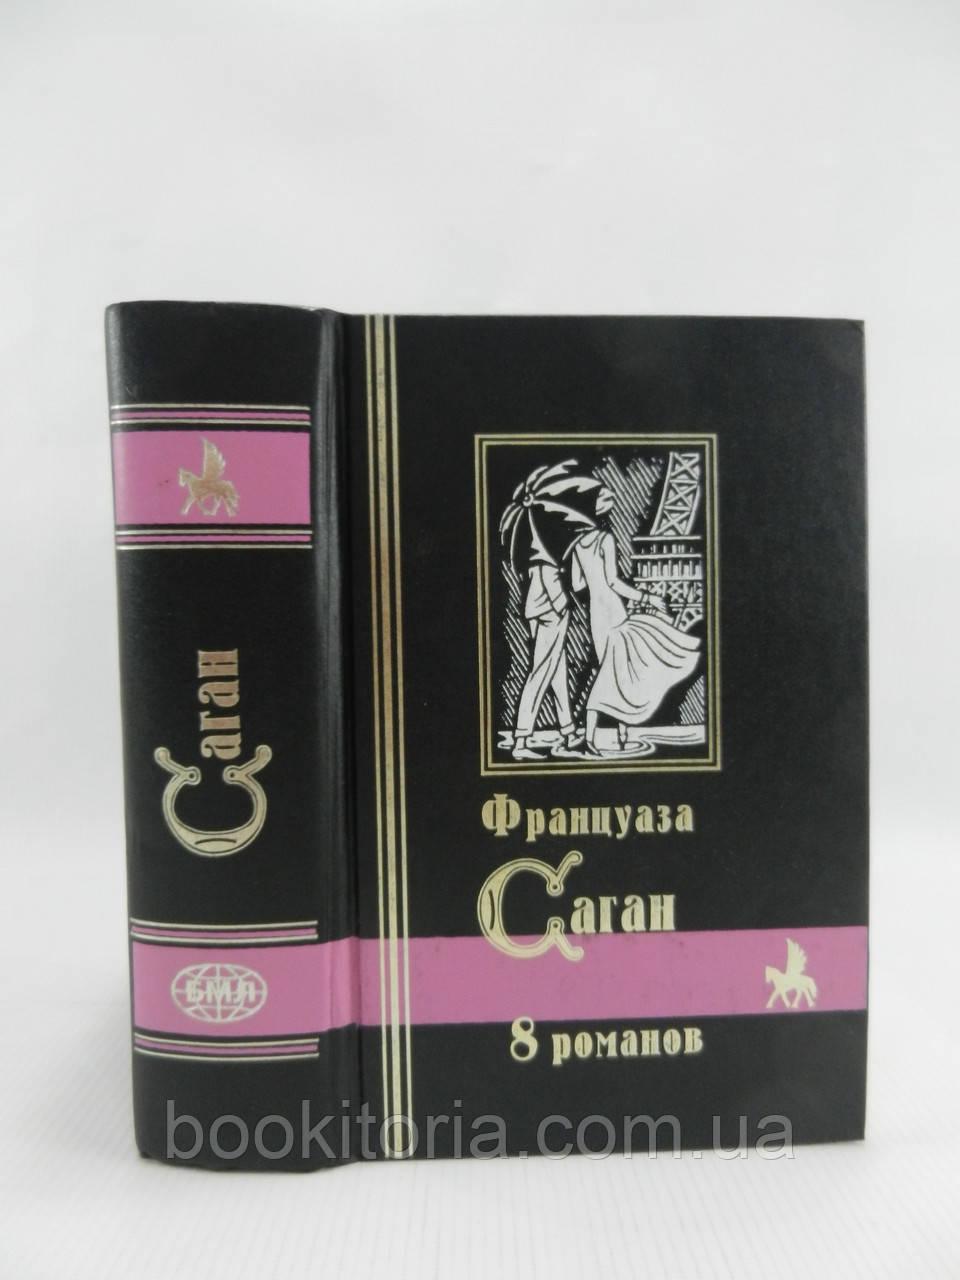 Саган Ф. 8 романов (б/у).